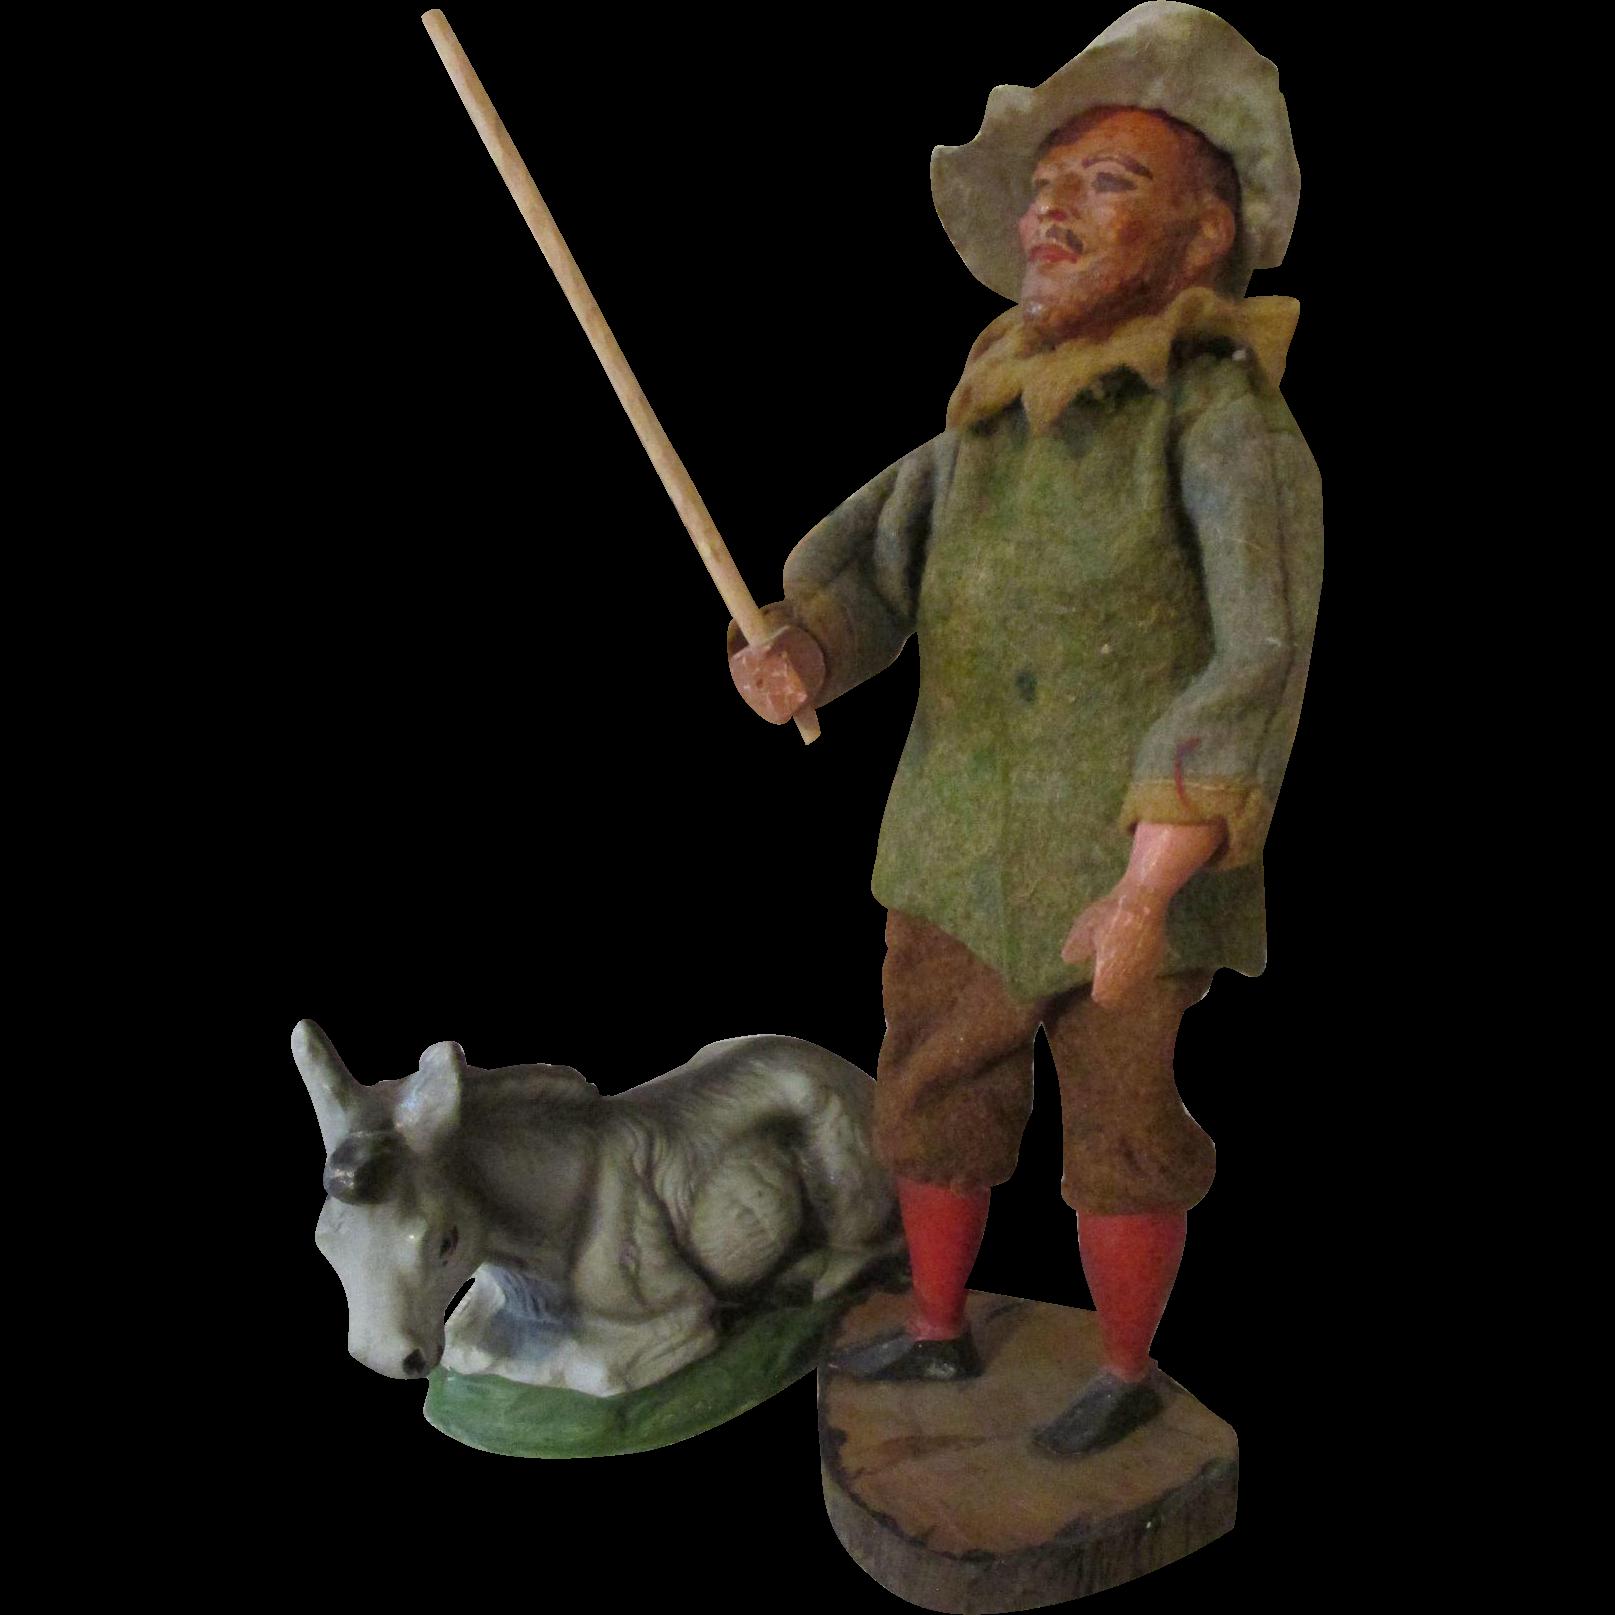 Antique Creche Figure for Your Creche Scene